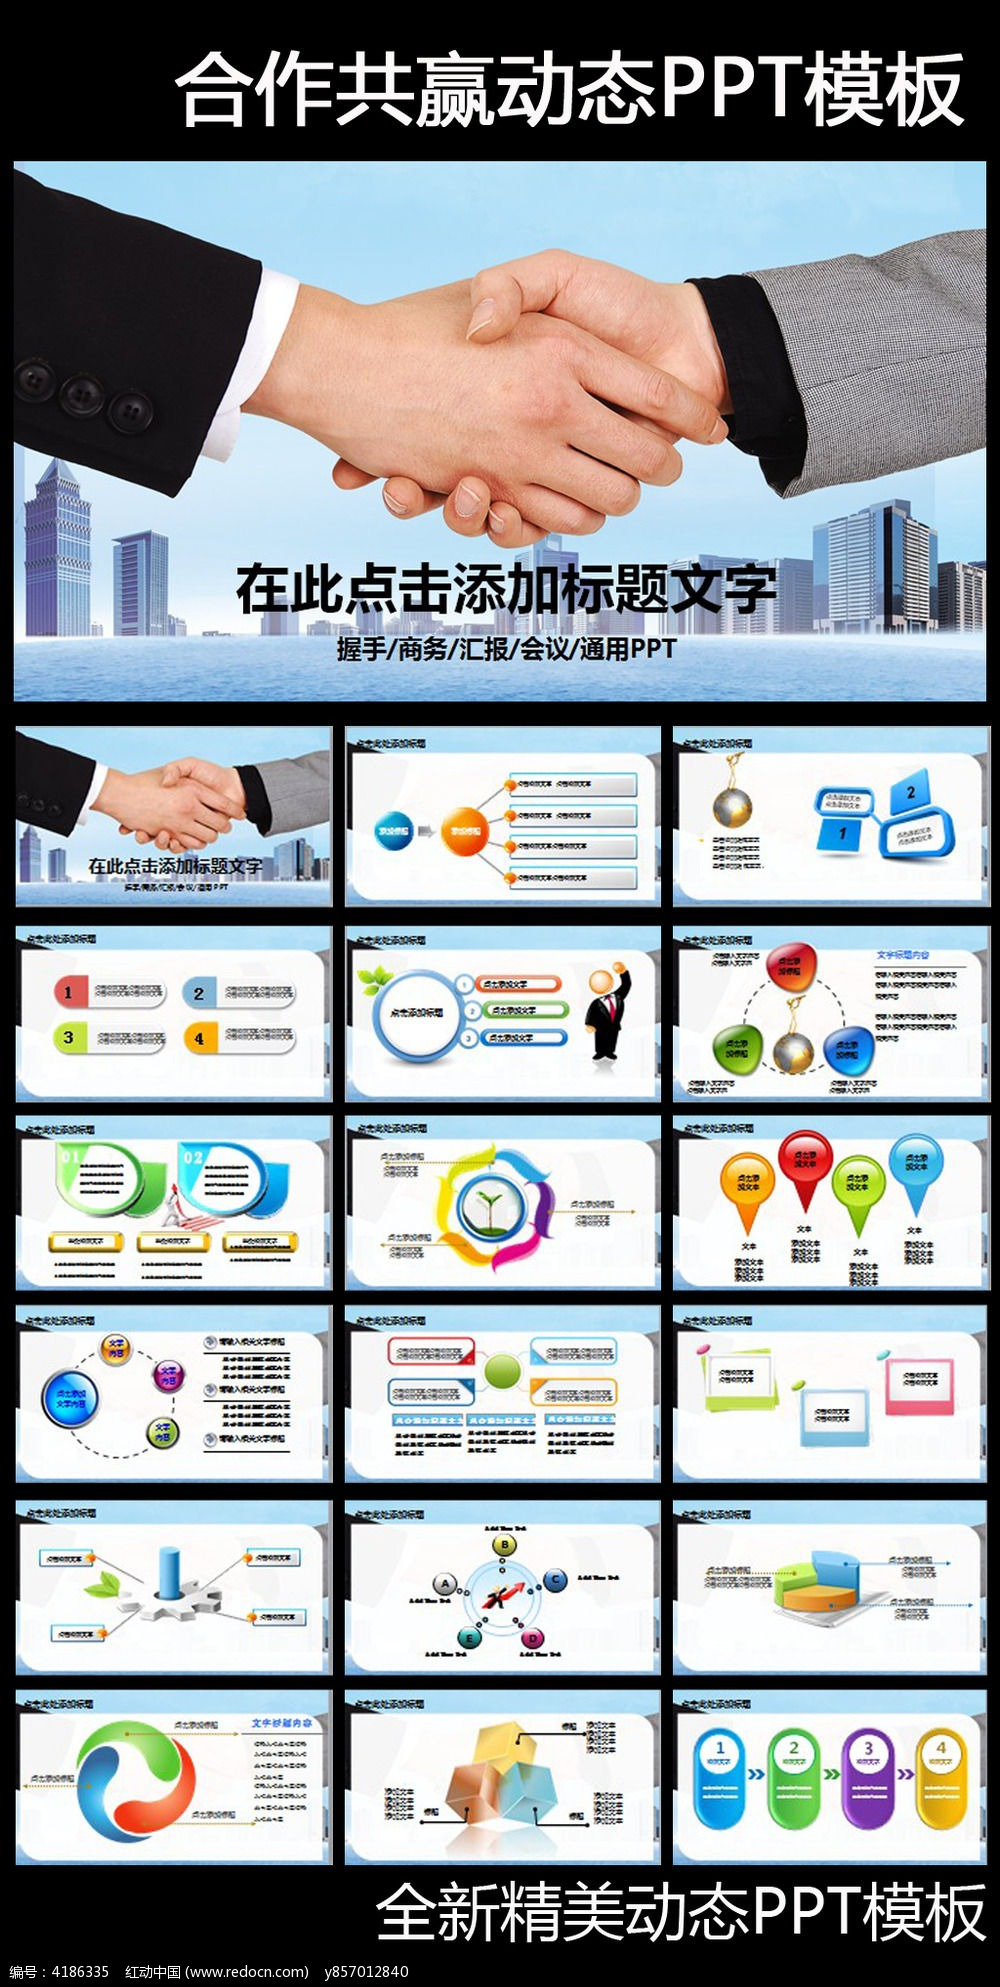 企业合作方案ppt模板pptx素材下载_团队职场ppt设计